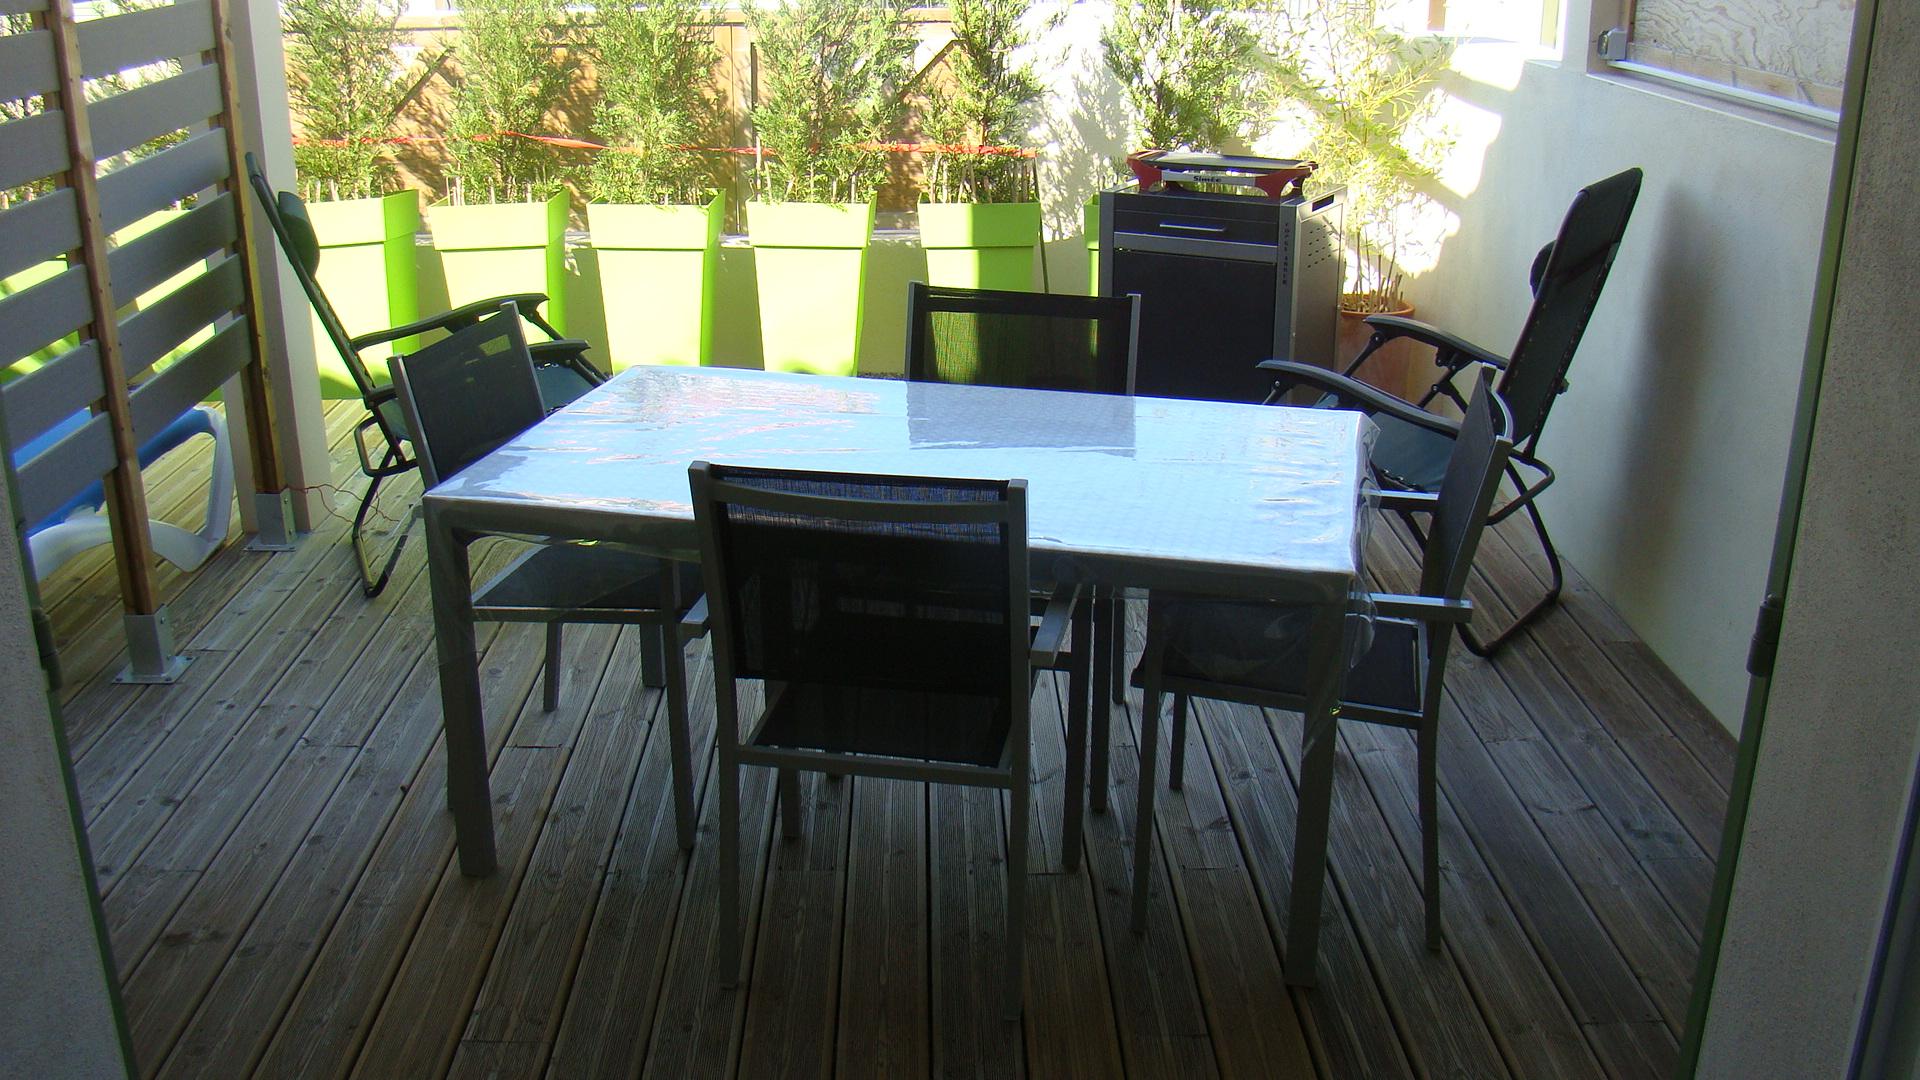 maison narbonne plage louer pour 5 personnes location n 29487. Black Bedroom Furniture Sets. Home Design Ideas